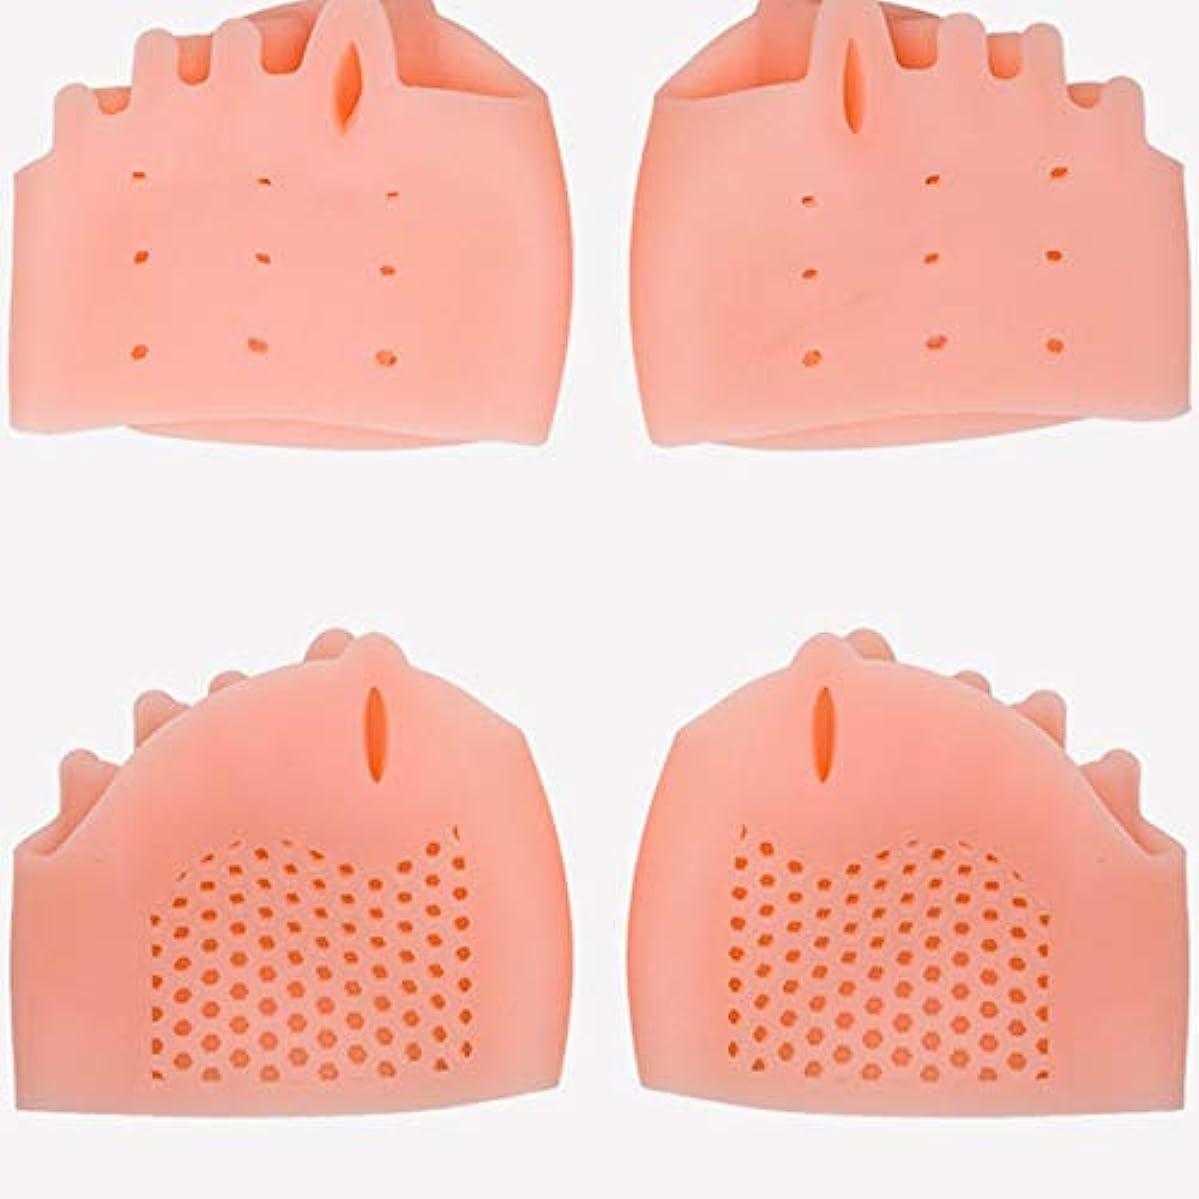 不忠否認する陪審Silicone Toe Separator Foot Braces Support Little Toe Varus Corretcor for Overlapping Toe Foot Care for Men Women